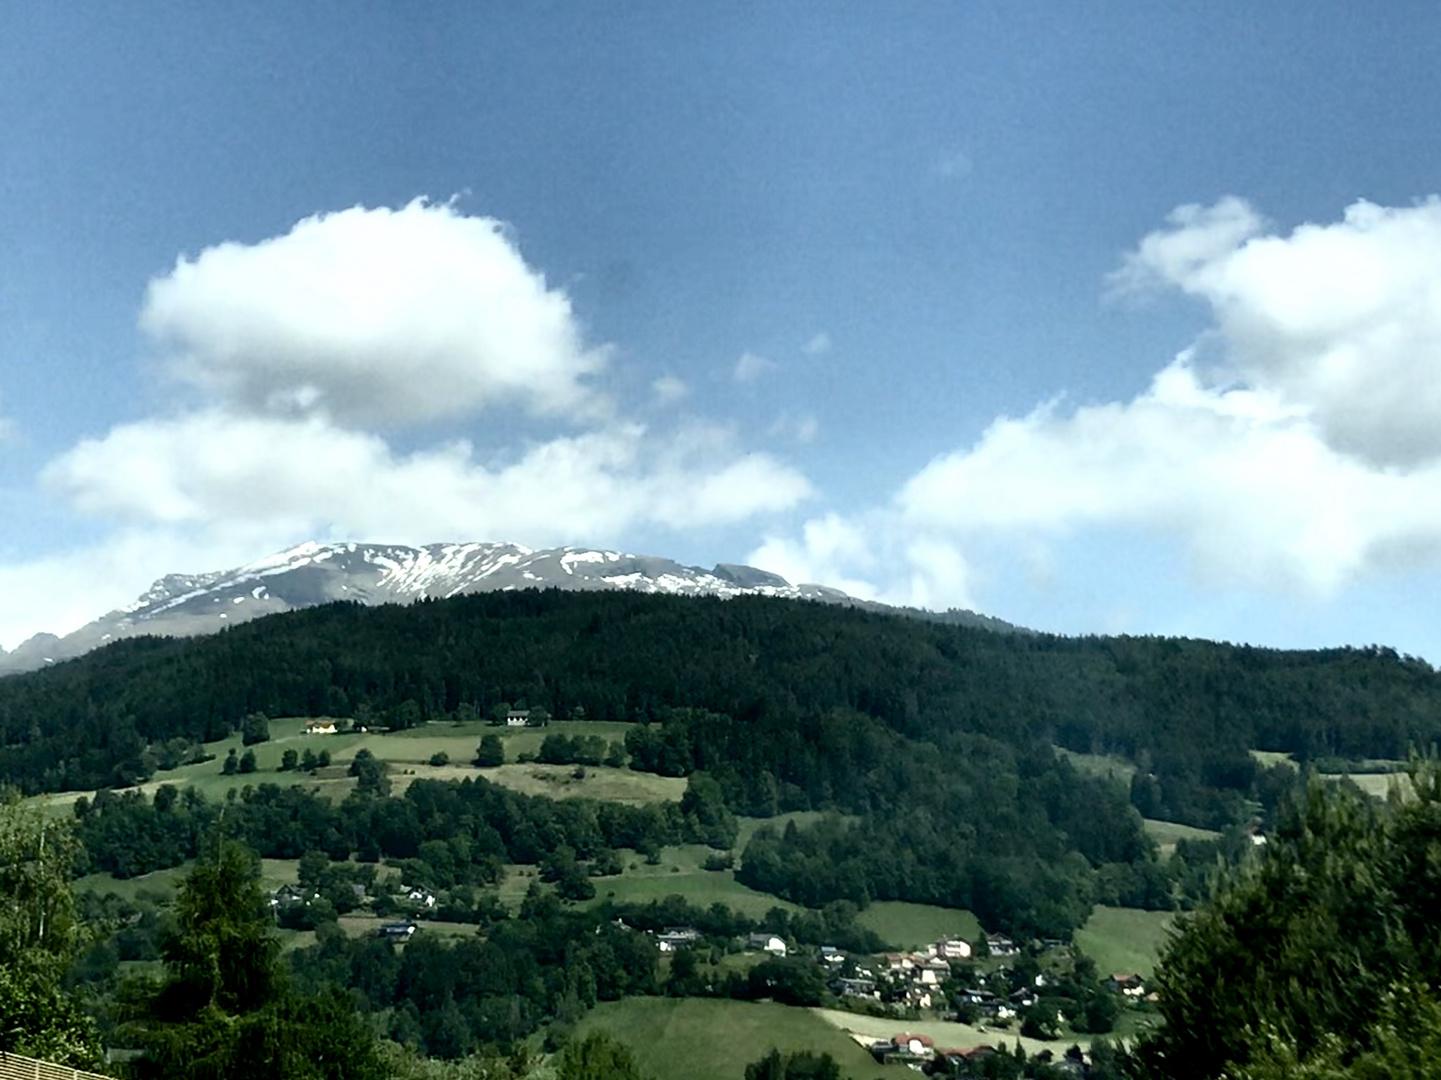 Zurück geht es schweren Herzens aus dem Süden über s schöne Österreich